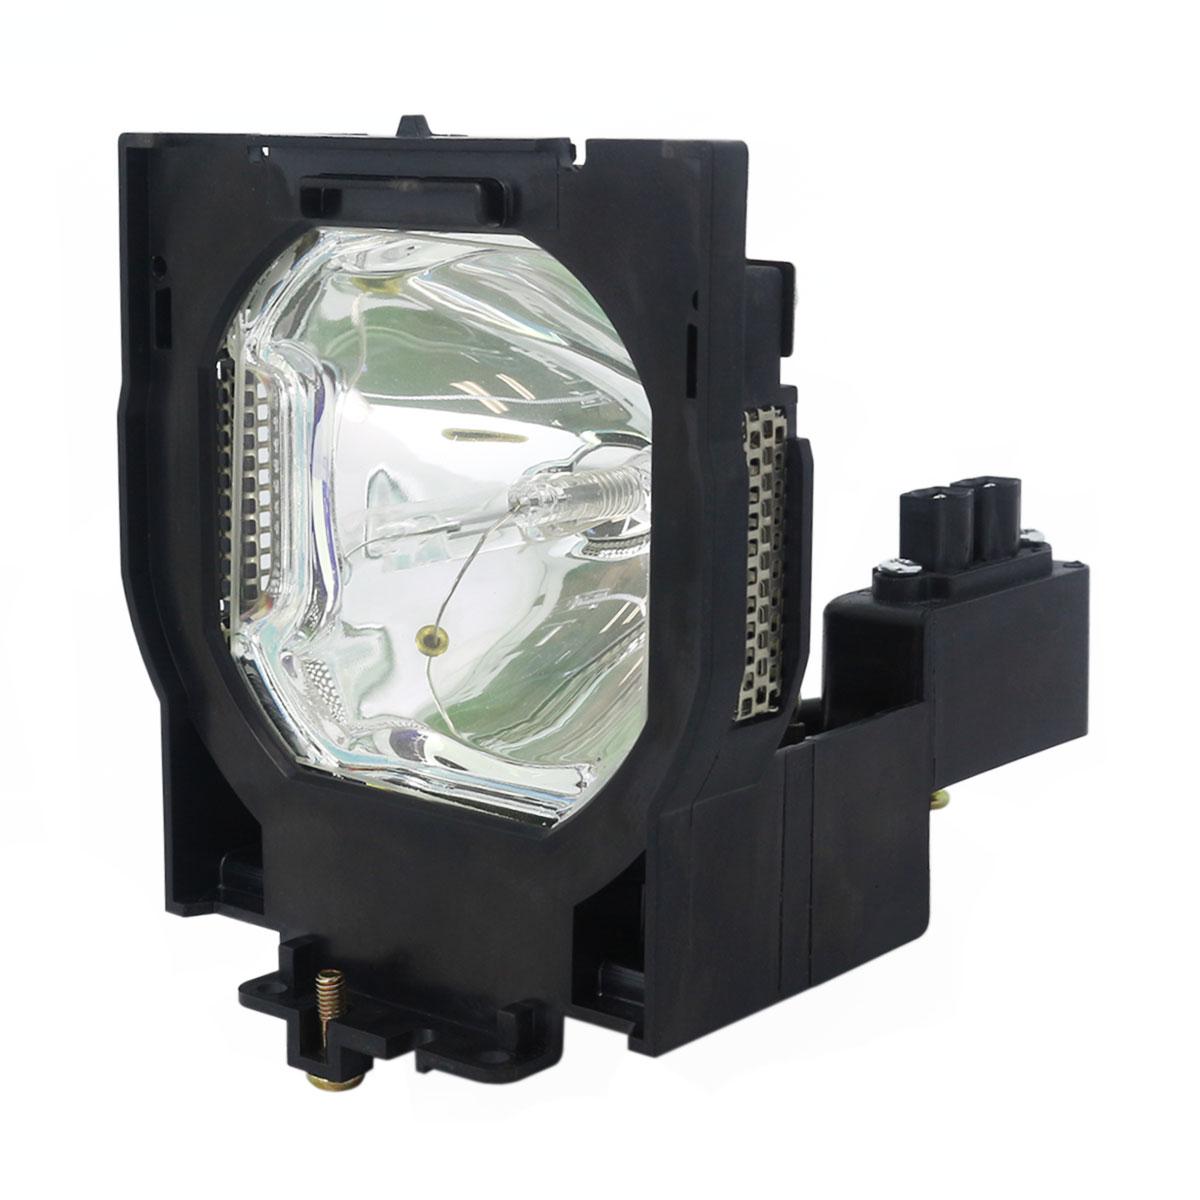 Panasonic ET-SLMP95 FP Lamp